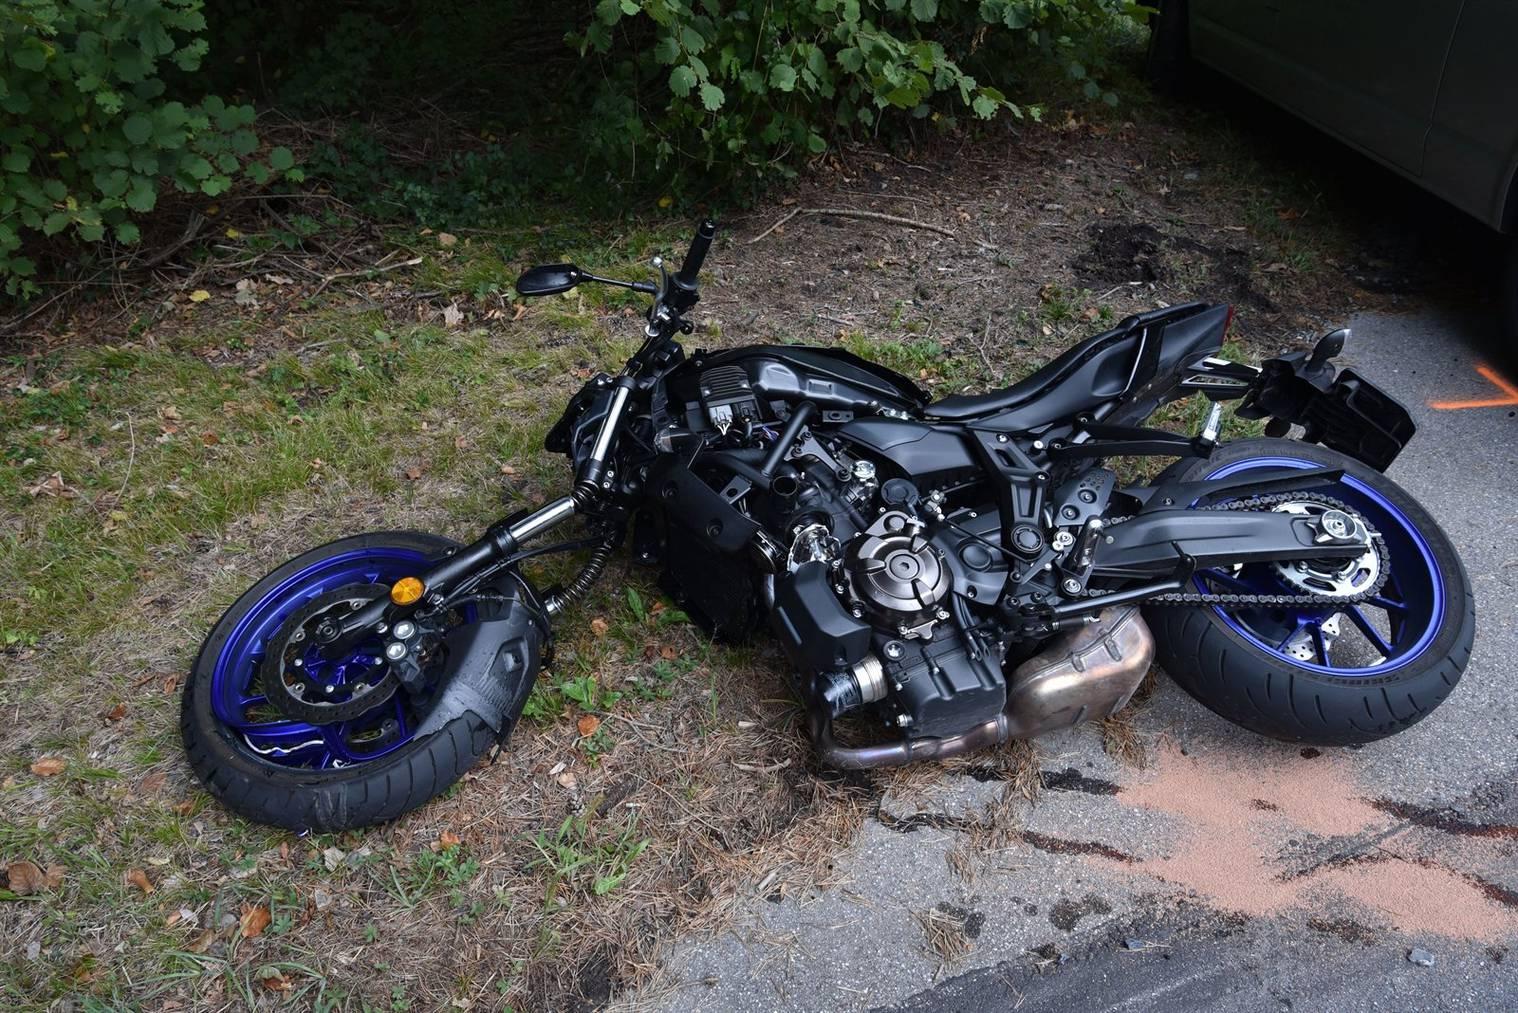 Das Motorrad erlitt einen Totalschaden. (Bild: Kapo Graubünden)